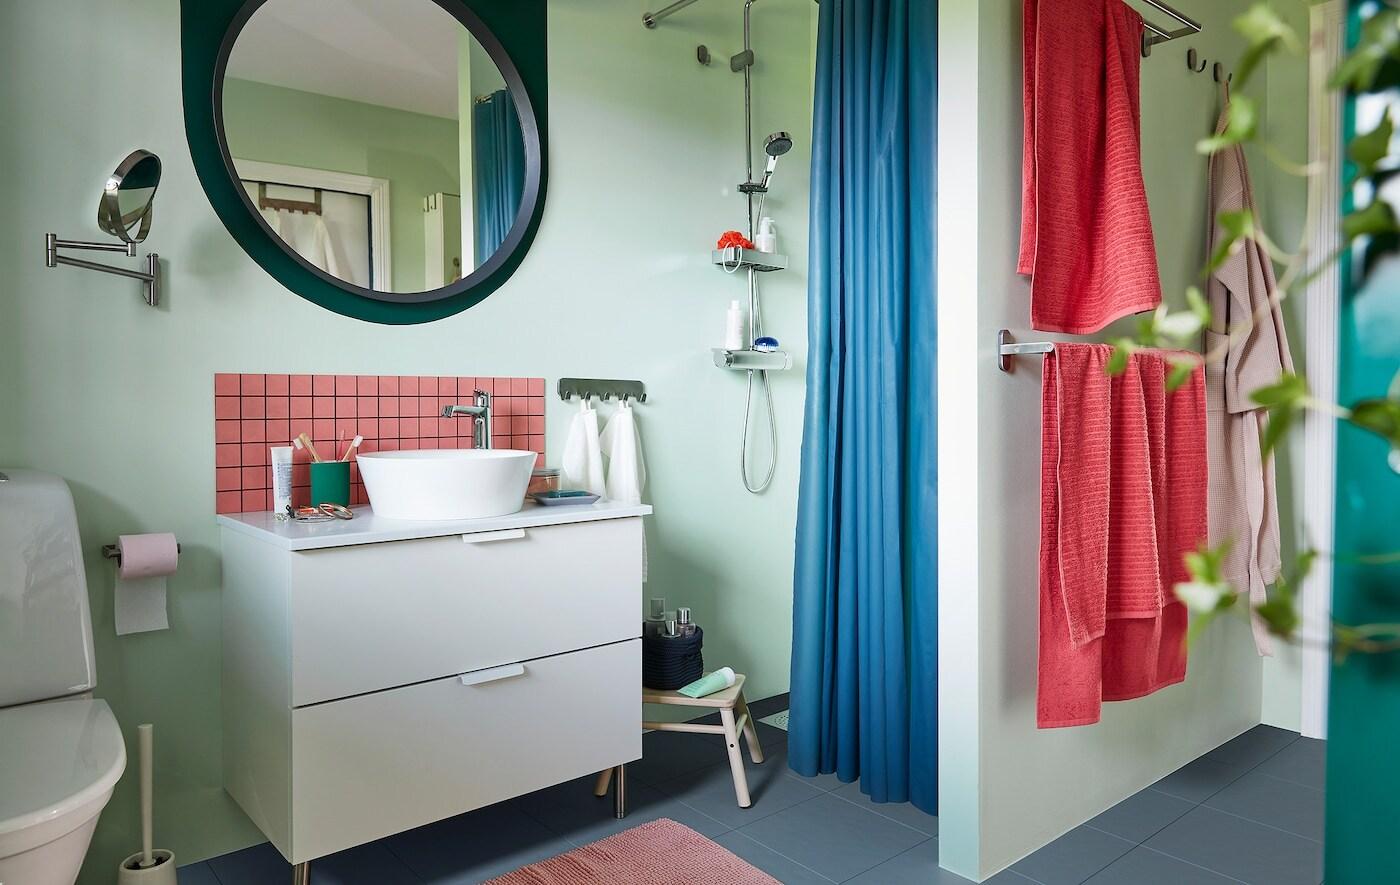 Intérieur d'une salle de bains bien organisée aux tons pastel avec meuble-lavabo, douche, porte-serviettes, miroir, plantes et accessoires.